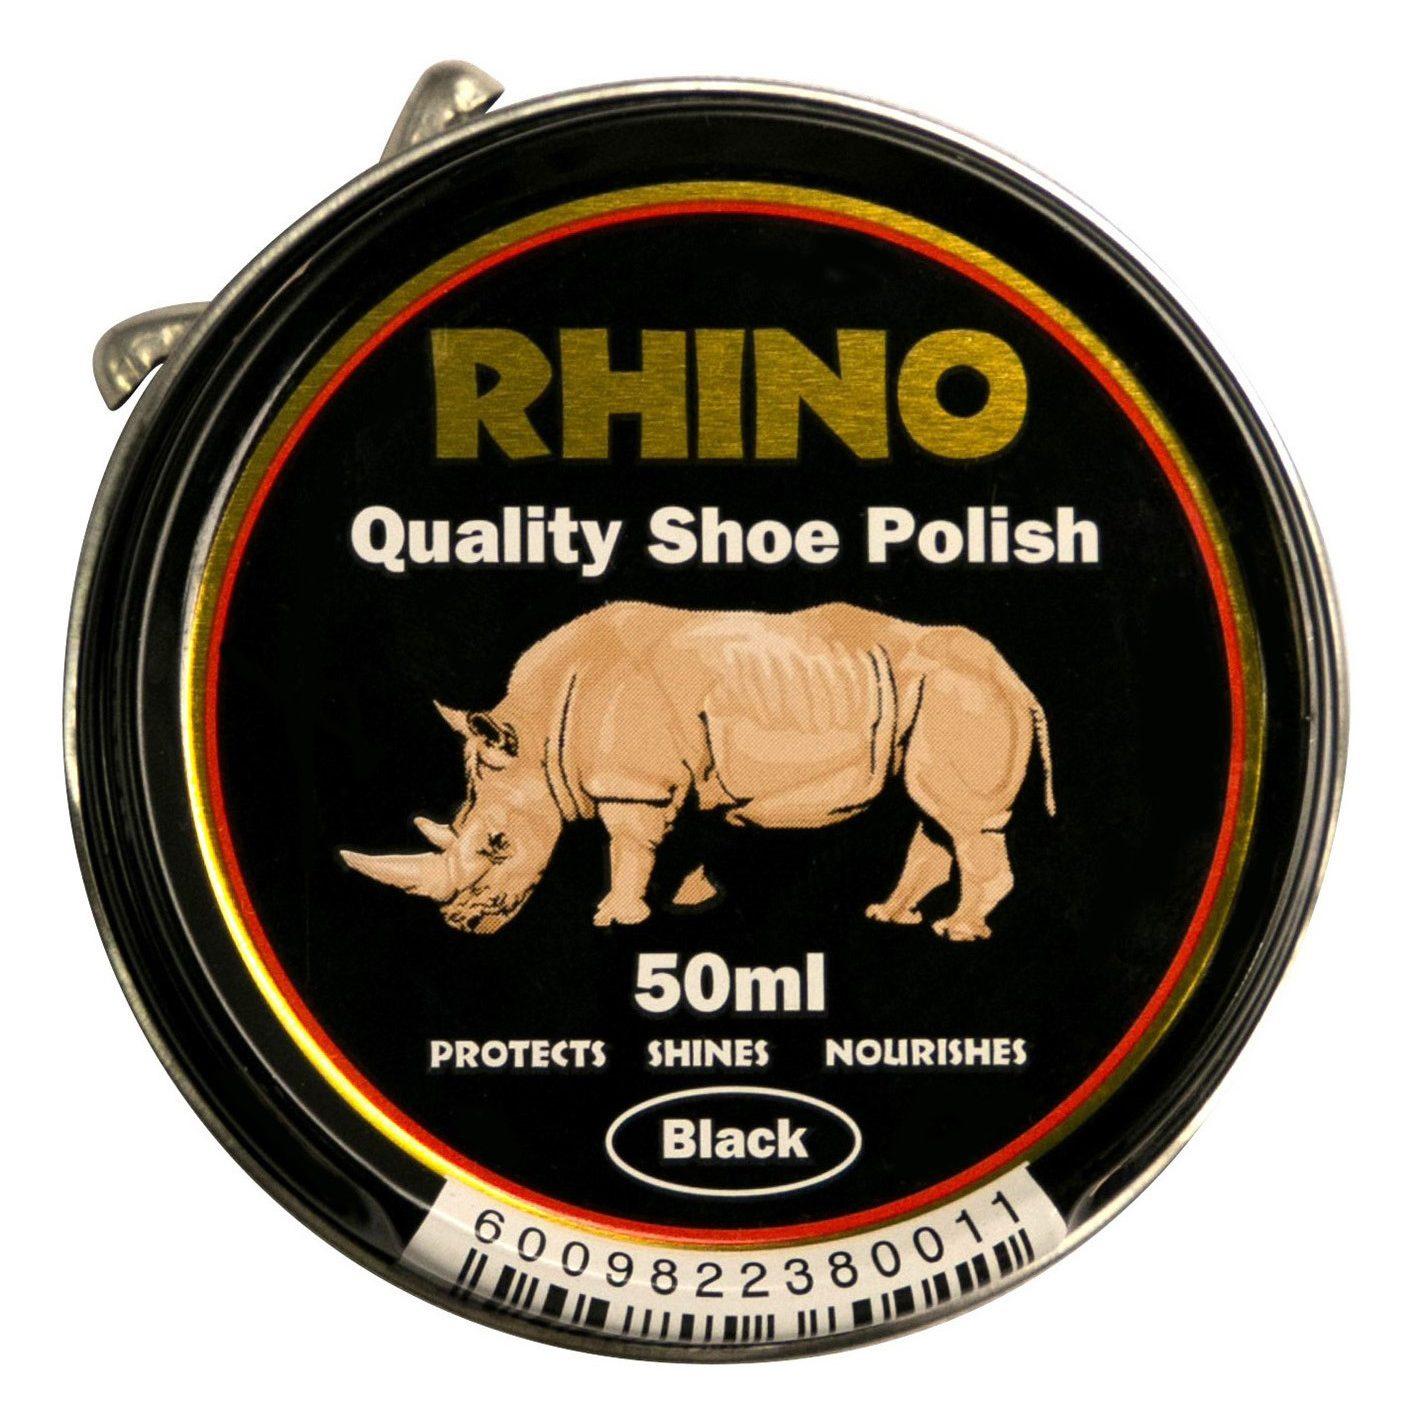 Rhino Shoe Polish Black 50ml